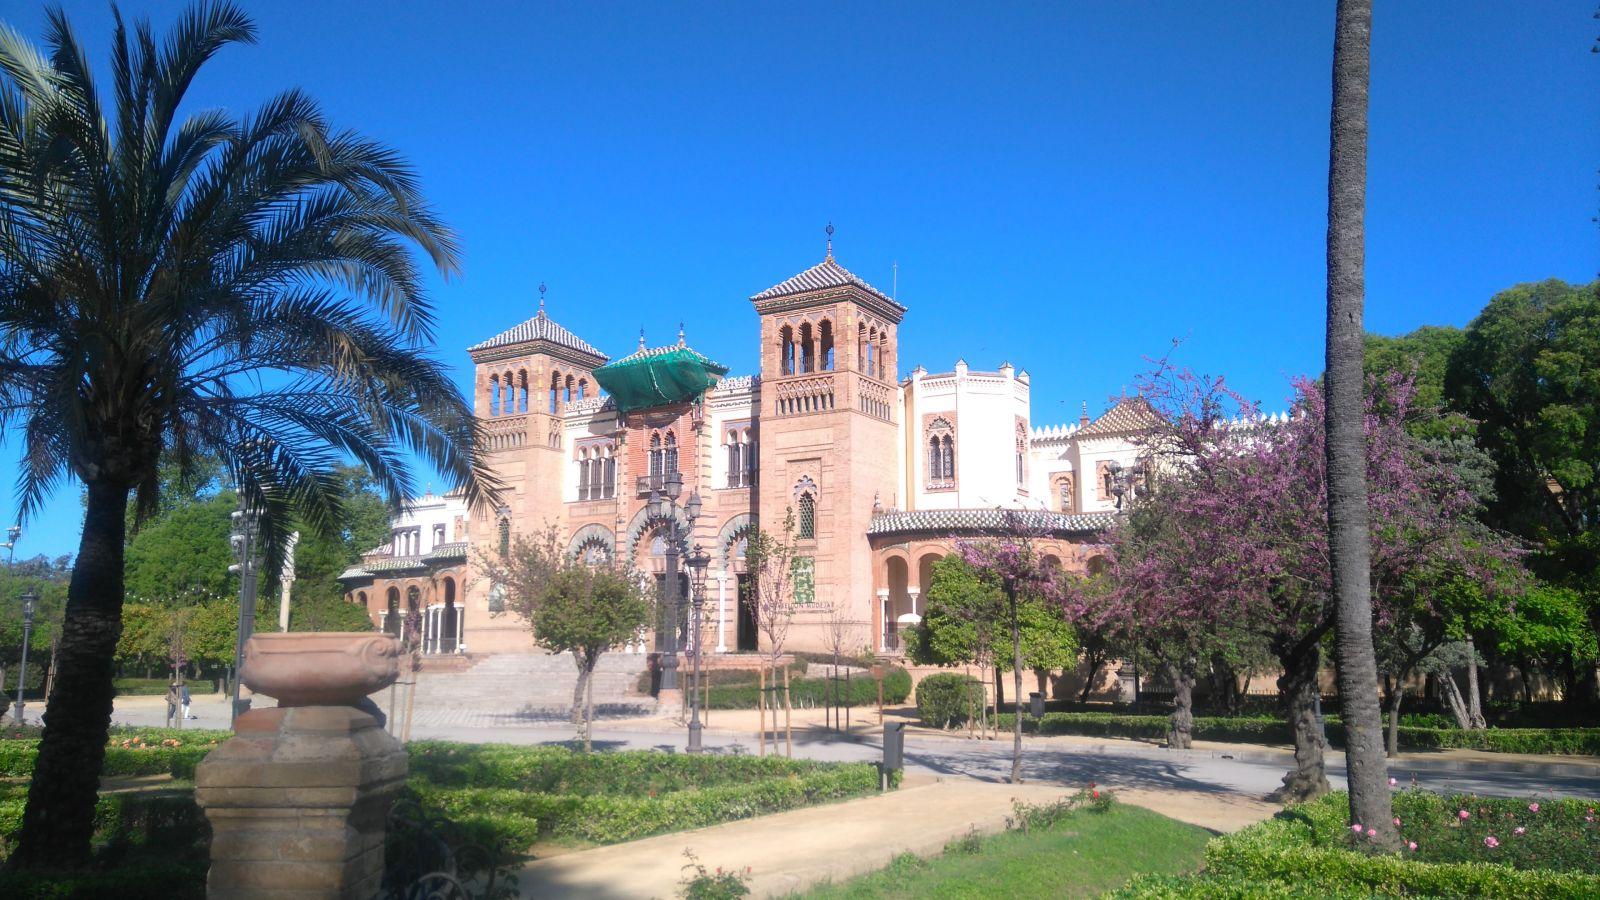 10 museos de Sevilla que tienes que conocer - Museo de Costumbres Populares